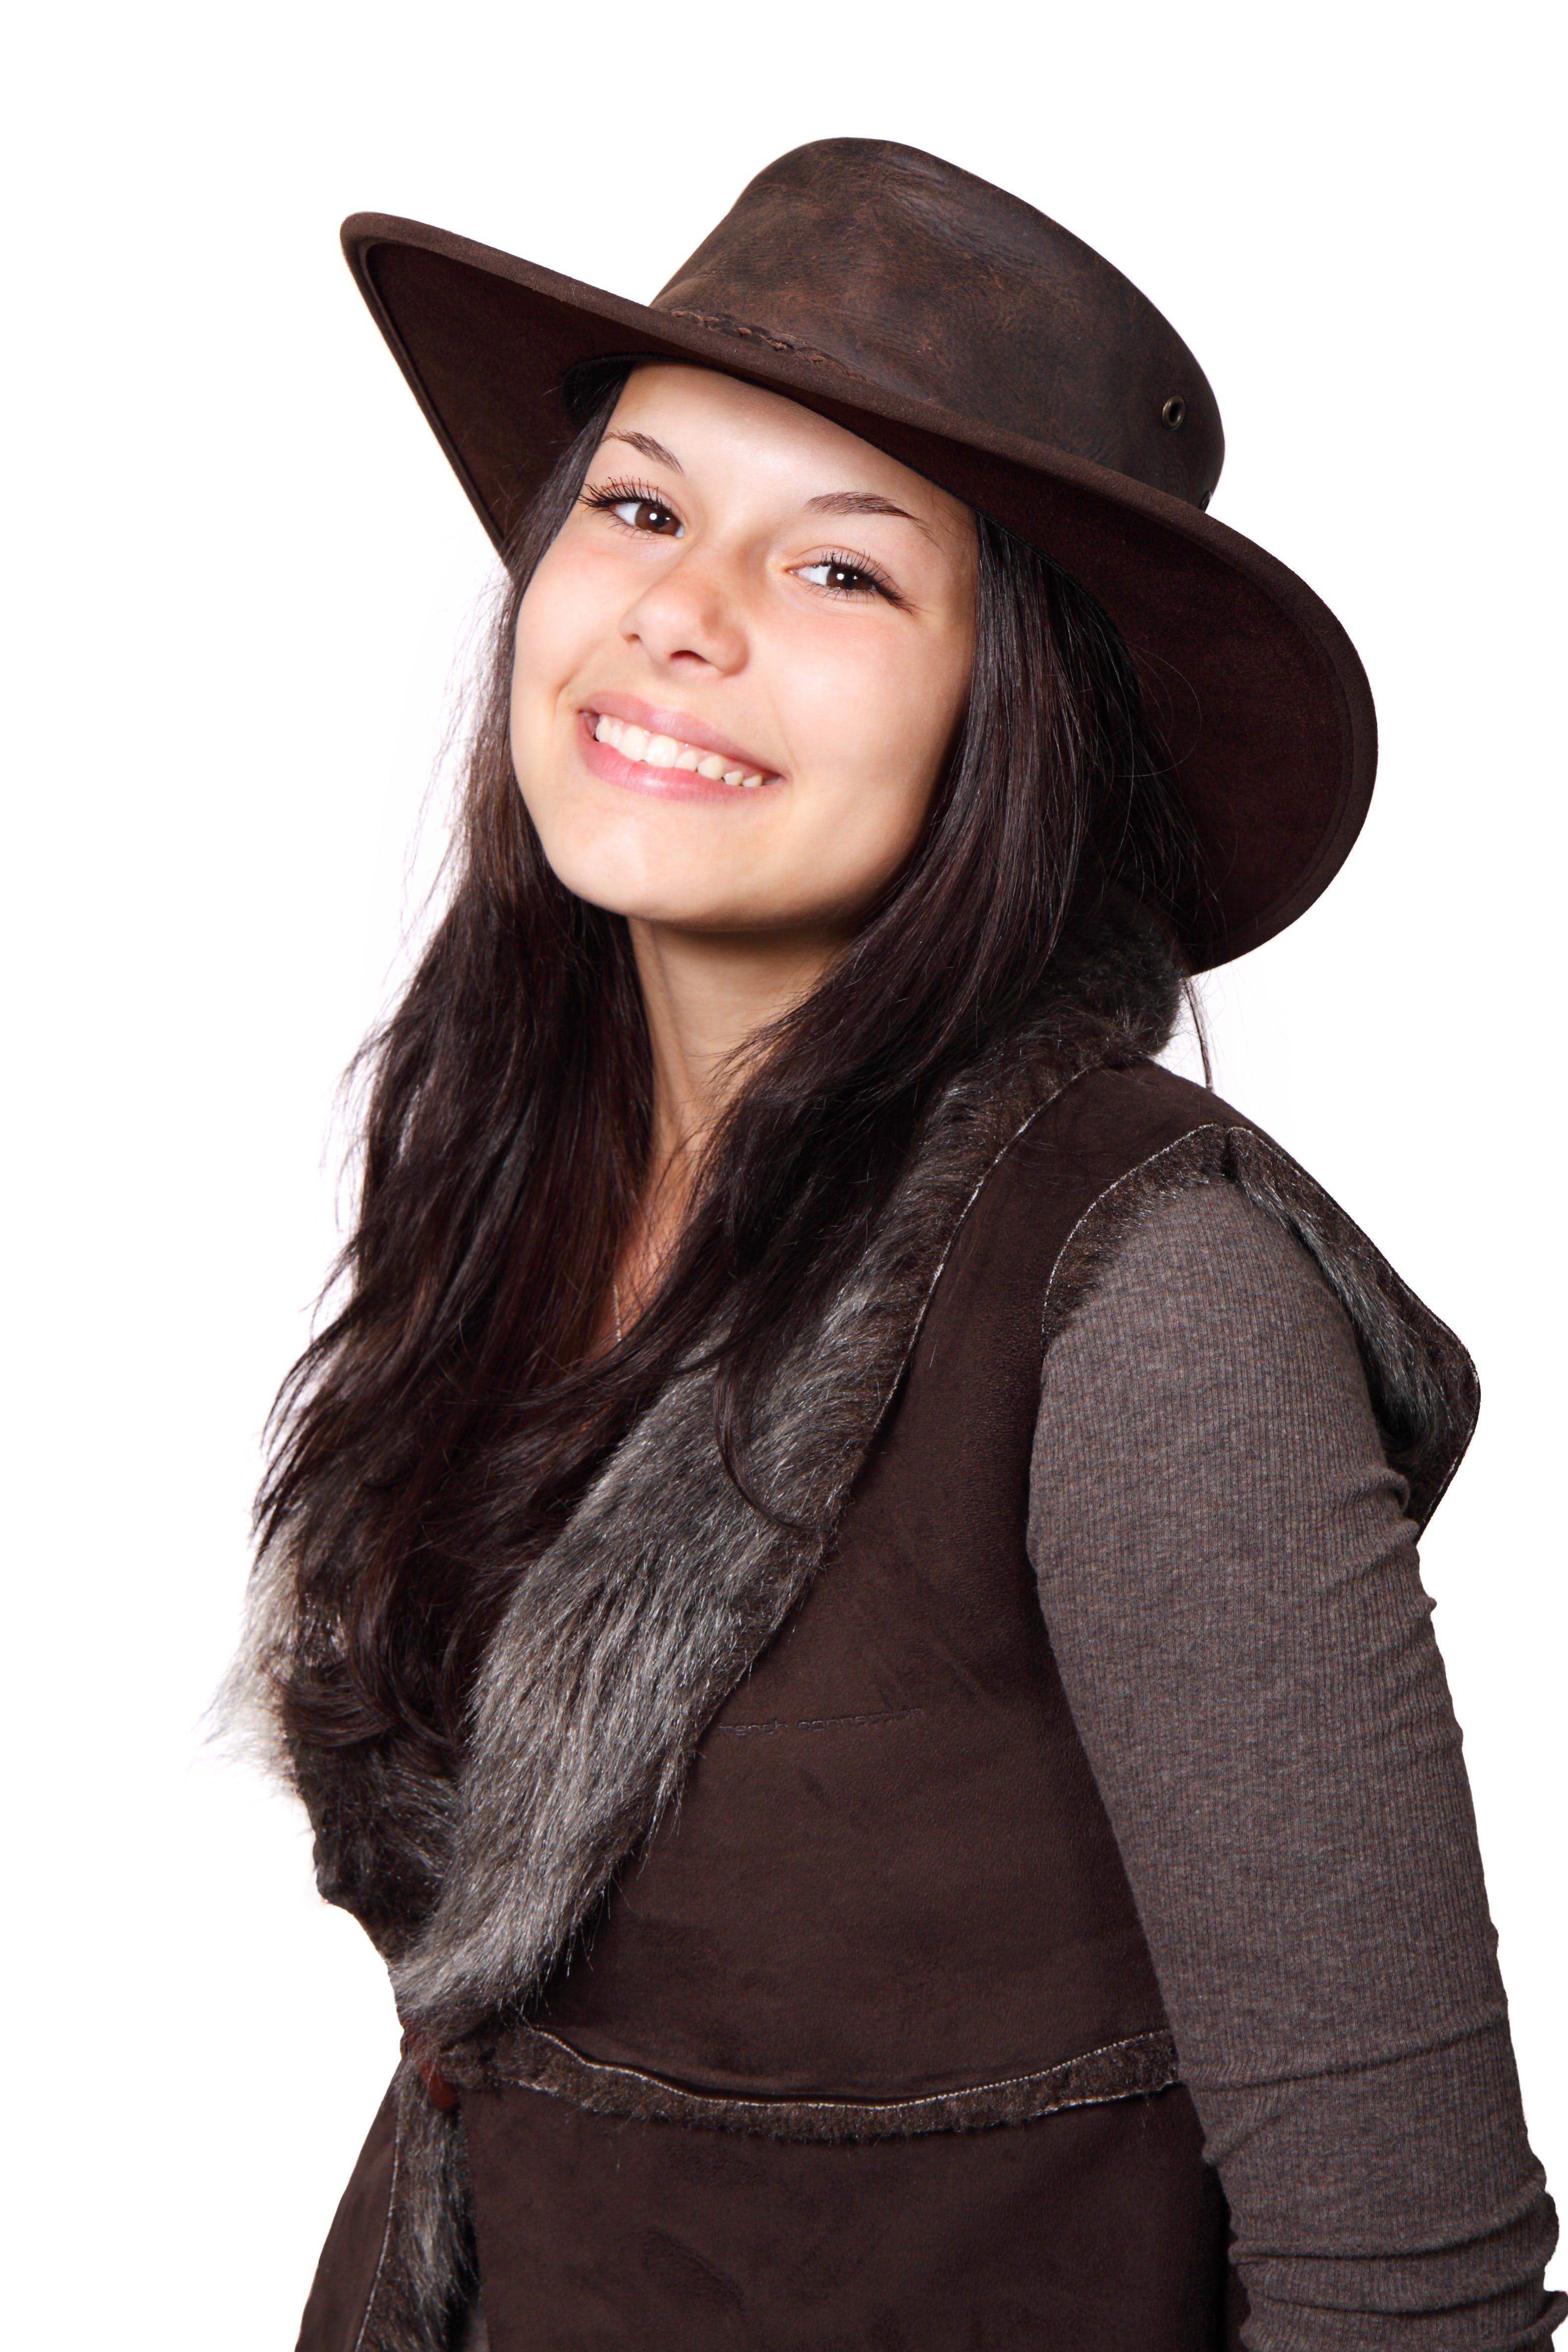 Kostenloses Stock Foto zu braun, brünette, cowboy-hut, fashion